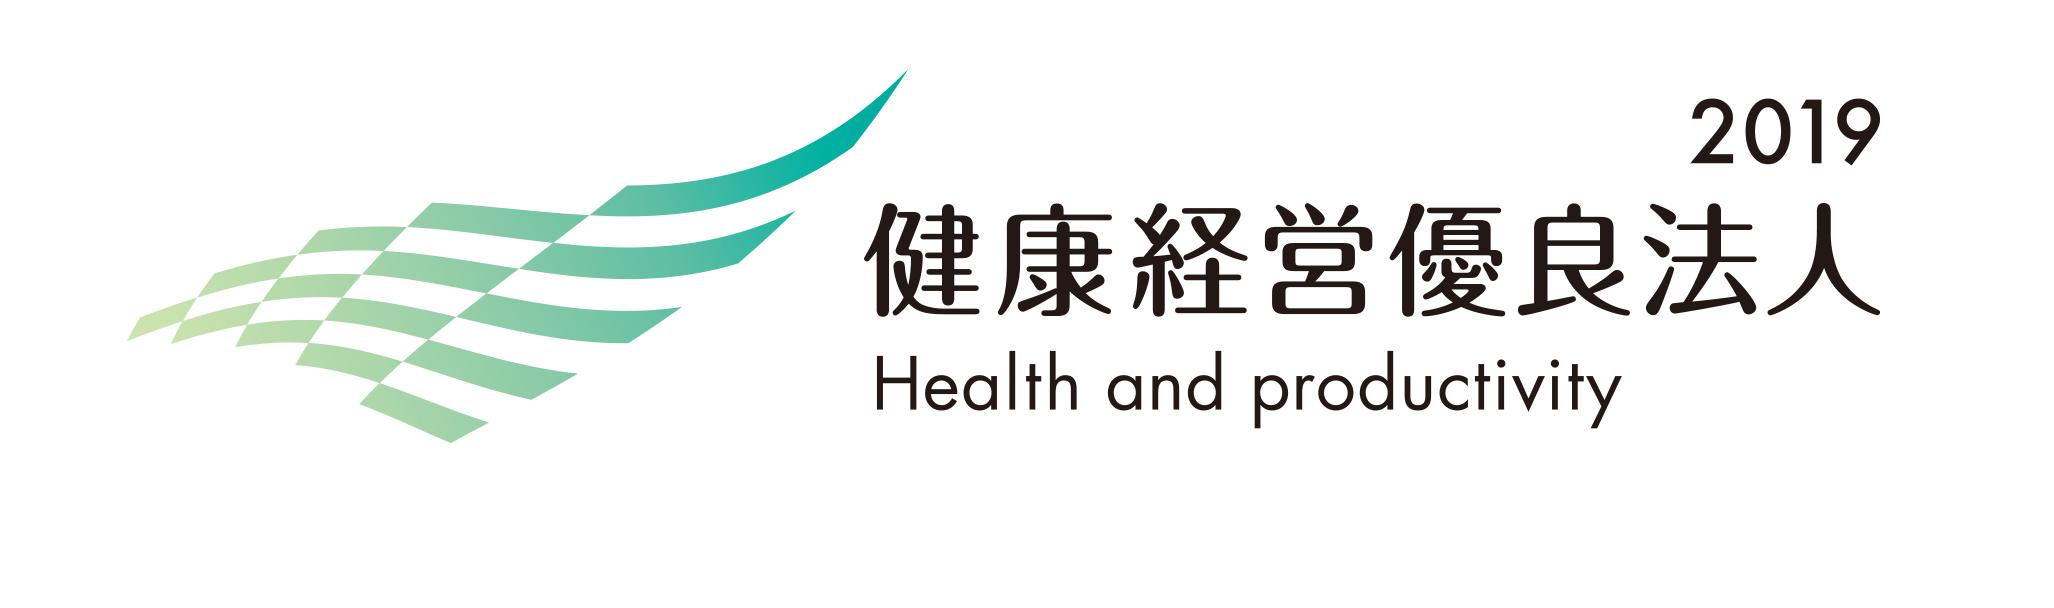 健康経営優良法人認定2019